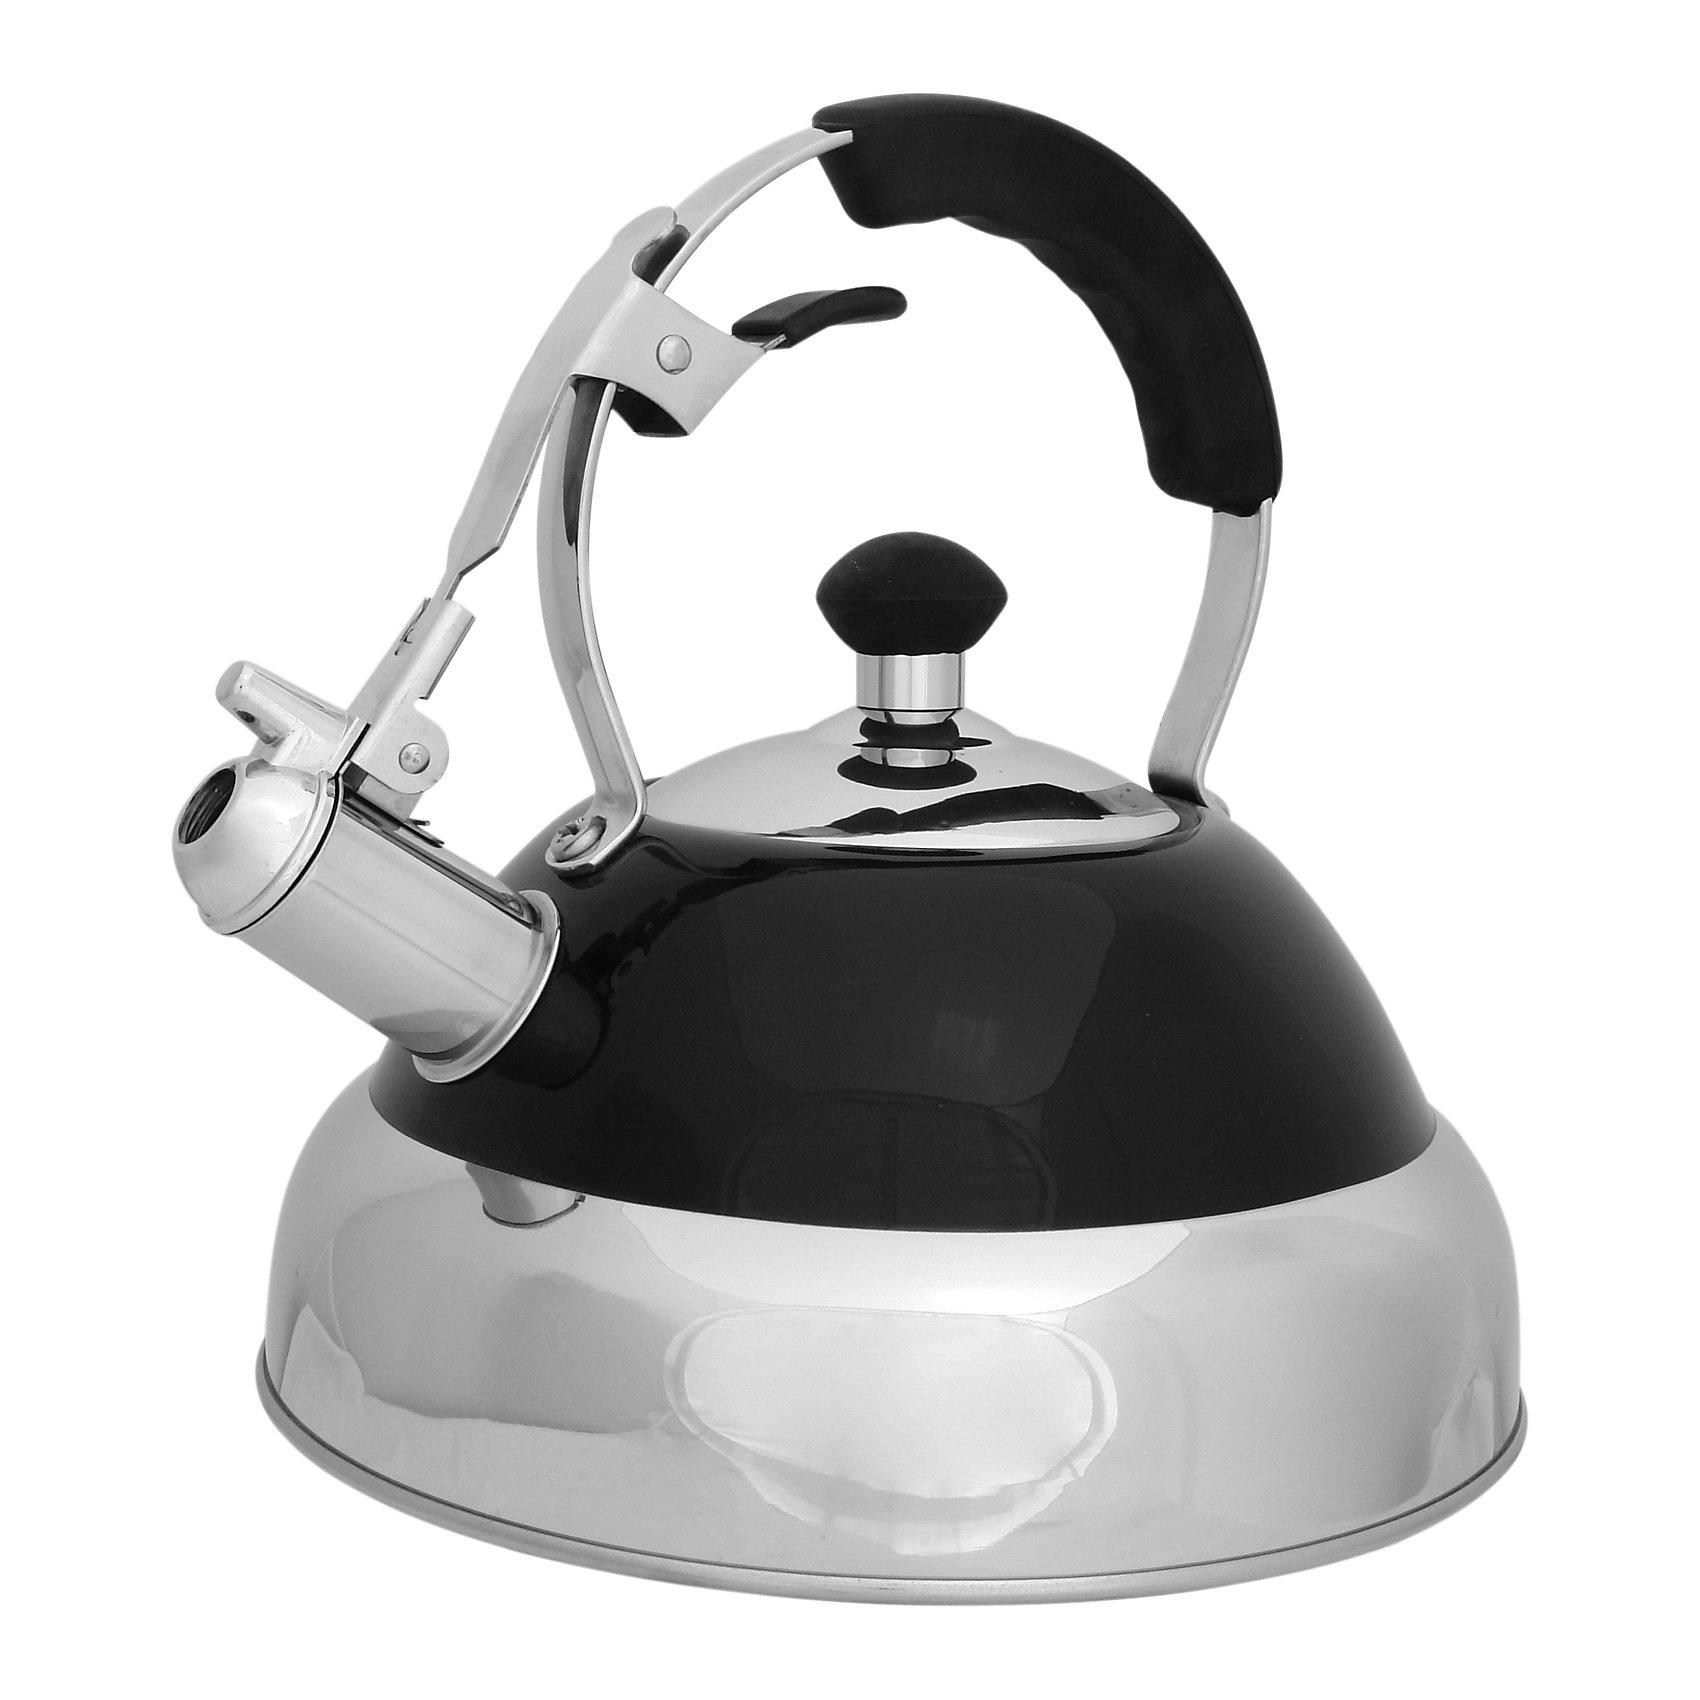 Чайник из нерж. стали MAL-046 , 2,5 л, Mallony, чёрныйБытовая техника для кухни<br>Чайник из нерж. стали MAL-046 , 2,5 л, Mallony (Маллони), чёрный<br><br>Характеристики:<br><br>• свисток, оповещающий о закипании воды<br>• ручка из силикона<br>• тройное капсулированное дно<br>• материал: нержавеющая сталь, силикон, металл<br>• цвет: красный<br>• объем: 2,5 литра<br>• размер упаковки: 22х23х24 см<br>• вес: 1192 грамма<br><br>Чайник MAL-046 - настоящий помощник для хозяек. Чайник быстро вскипятит воду, а свисток оповестит вас о закипании воды. Изделие имеет тройное капсулированное дно, что значительно сократит время приготовления и защитит чайник от окисления. Ручка чайника изготовлена из силикона, благодаря чему вы сможете удобно взять чайник после подогрева воды. Чайник выполнен из нержавеющей стали, которая гарантирует посуде долговечность.<br><br>Чайник из нерж. стали MAL-046 , 2,5 л, Mallony (Маллони), чёрный вы можете купить в нашем интернет-магазине.<br><br>Ширина мм: 230<br>Глубина мм: 220<br>Высота мм: 240<br>Вес г: 1192<br>Возраст от месяцев: 216<br>Возраст до месяцев: 1188<br>Пол: Унисекс<br>Возраст: Детский<br>SKU: 5622850